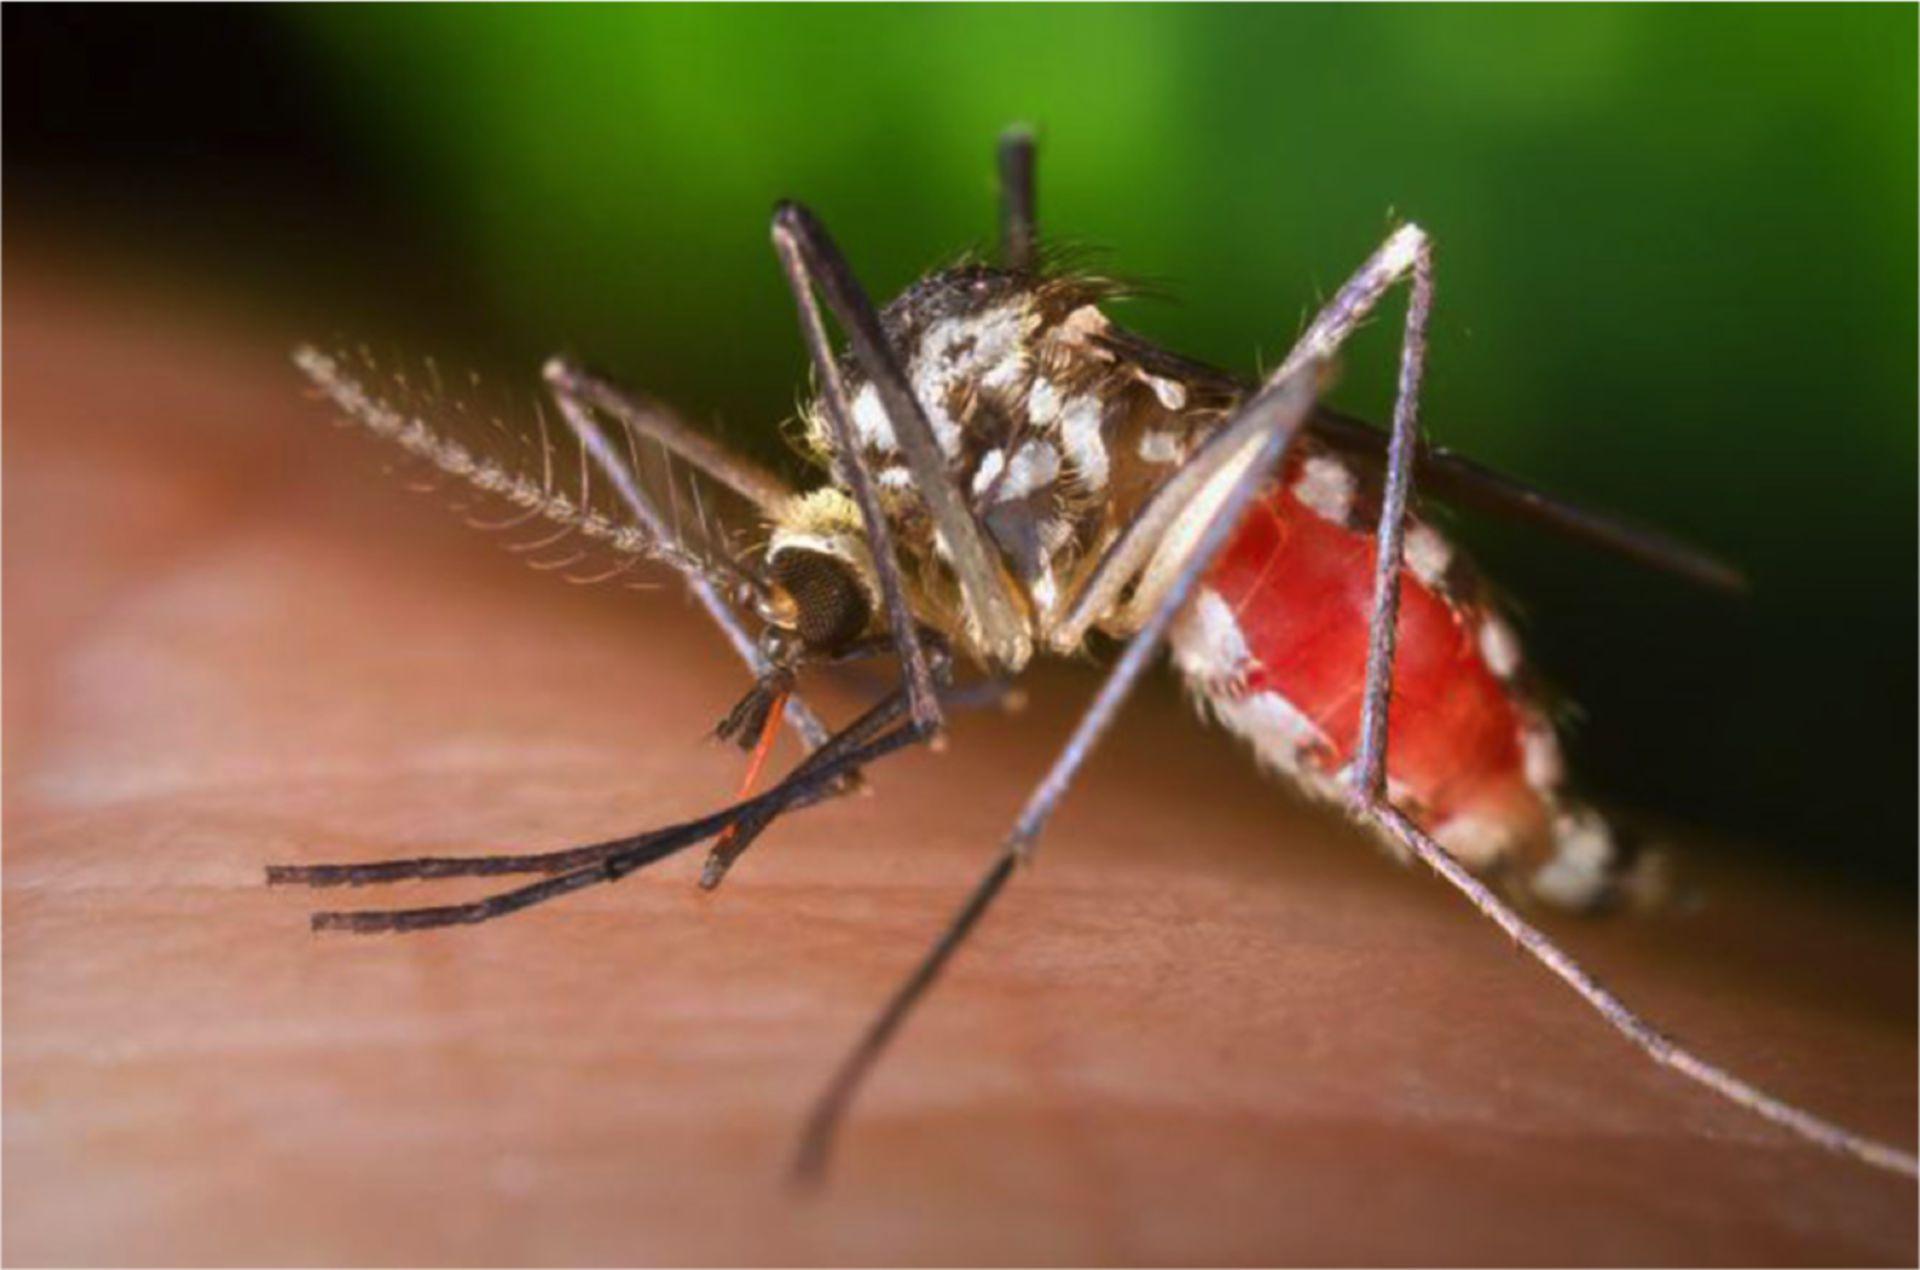 Aedes triseriatus